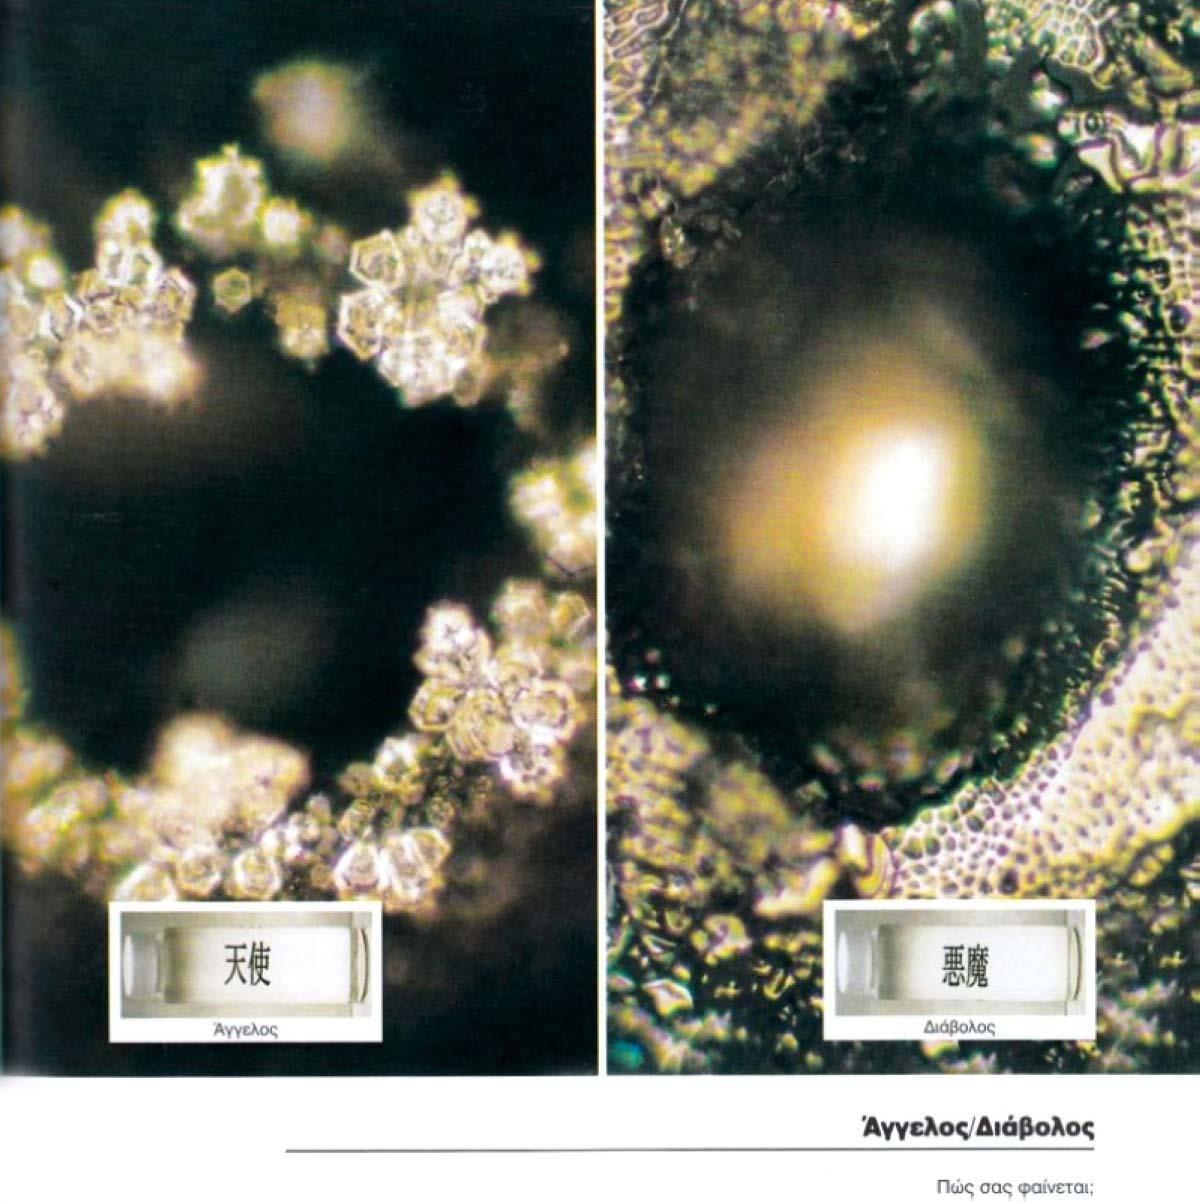 Dr. Masaru Emoto memoria-acqua a(7)